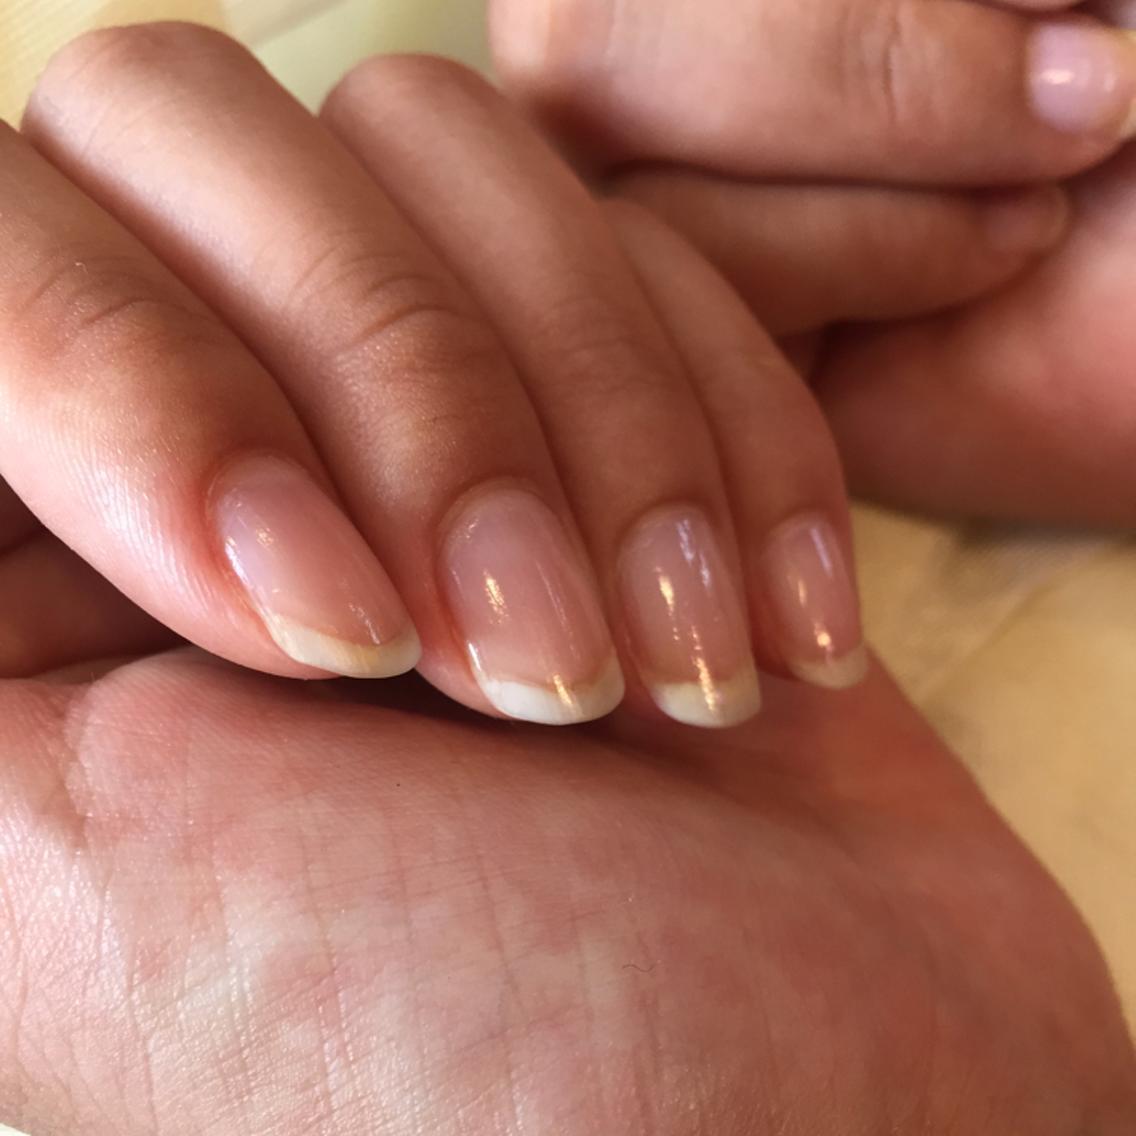 自爪を健康に導くケア    『メディケアネイル』お仕事柄ネイルのできない方などにオススメ!          ジェルネイルでちょっと疲れ気味の爪のメンテナンスにも最適です